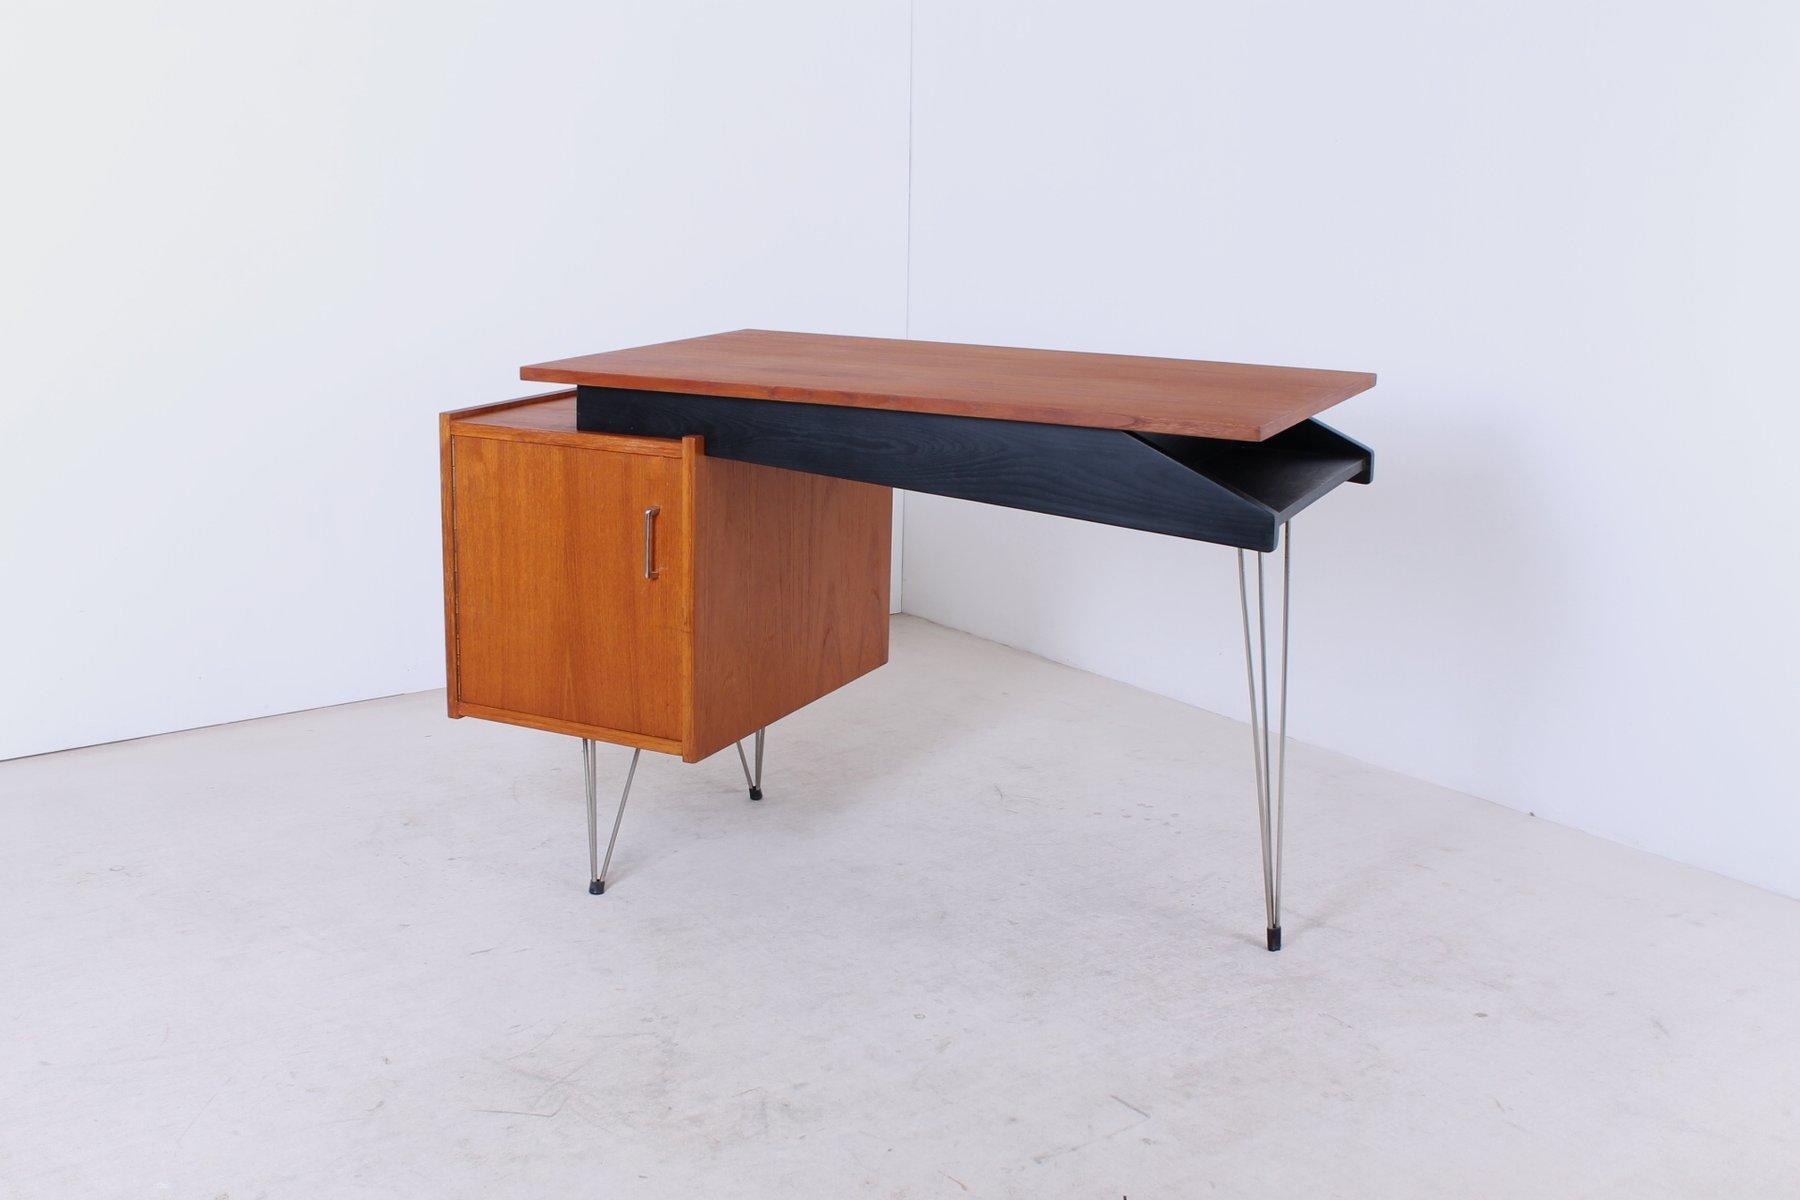 bureau en teck avec pieds en epingles de cees braakman pour pastoe en vente sur pamono. Black Bedroom Furniture Sets. Home Design Ideas